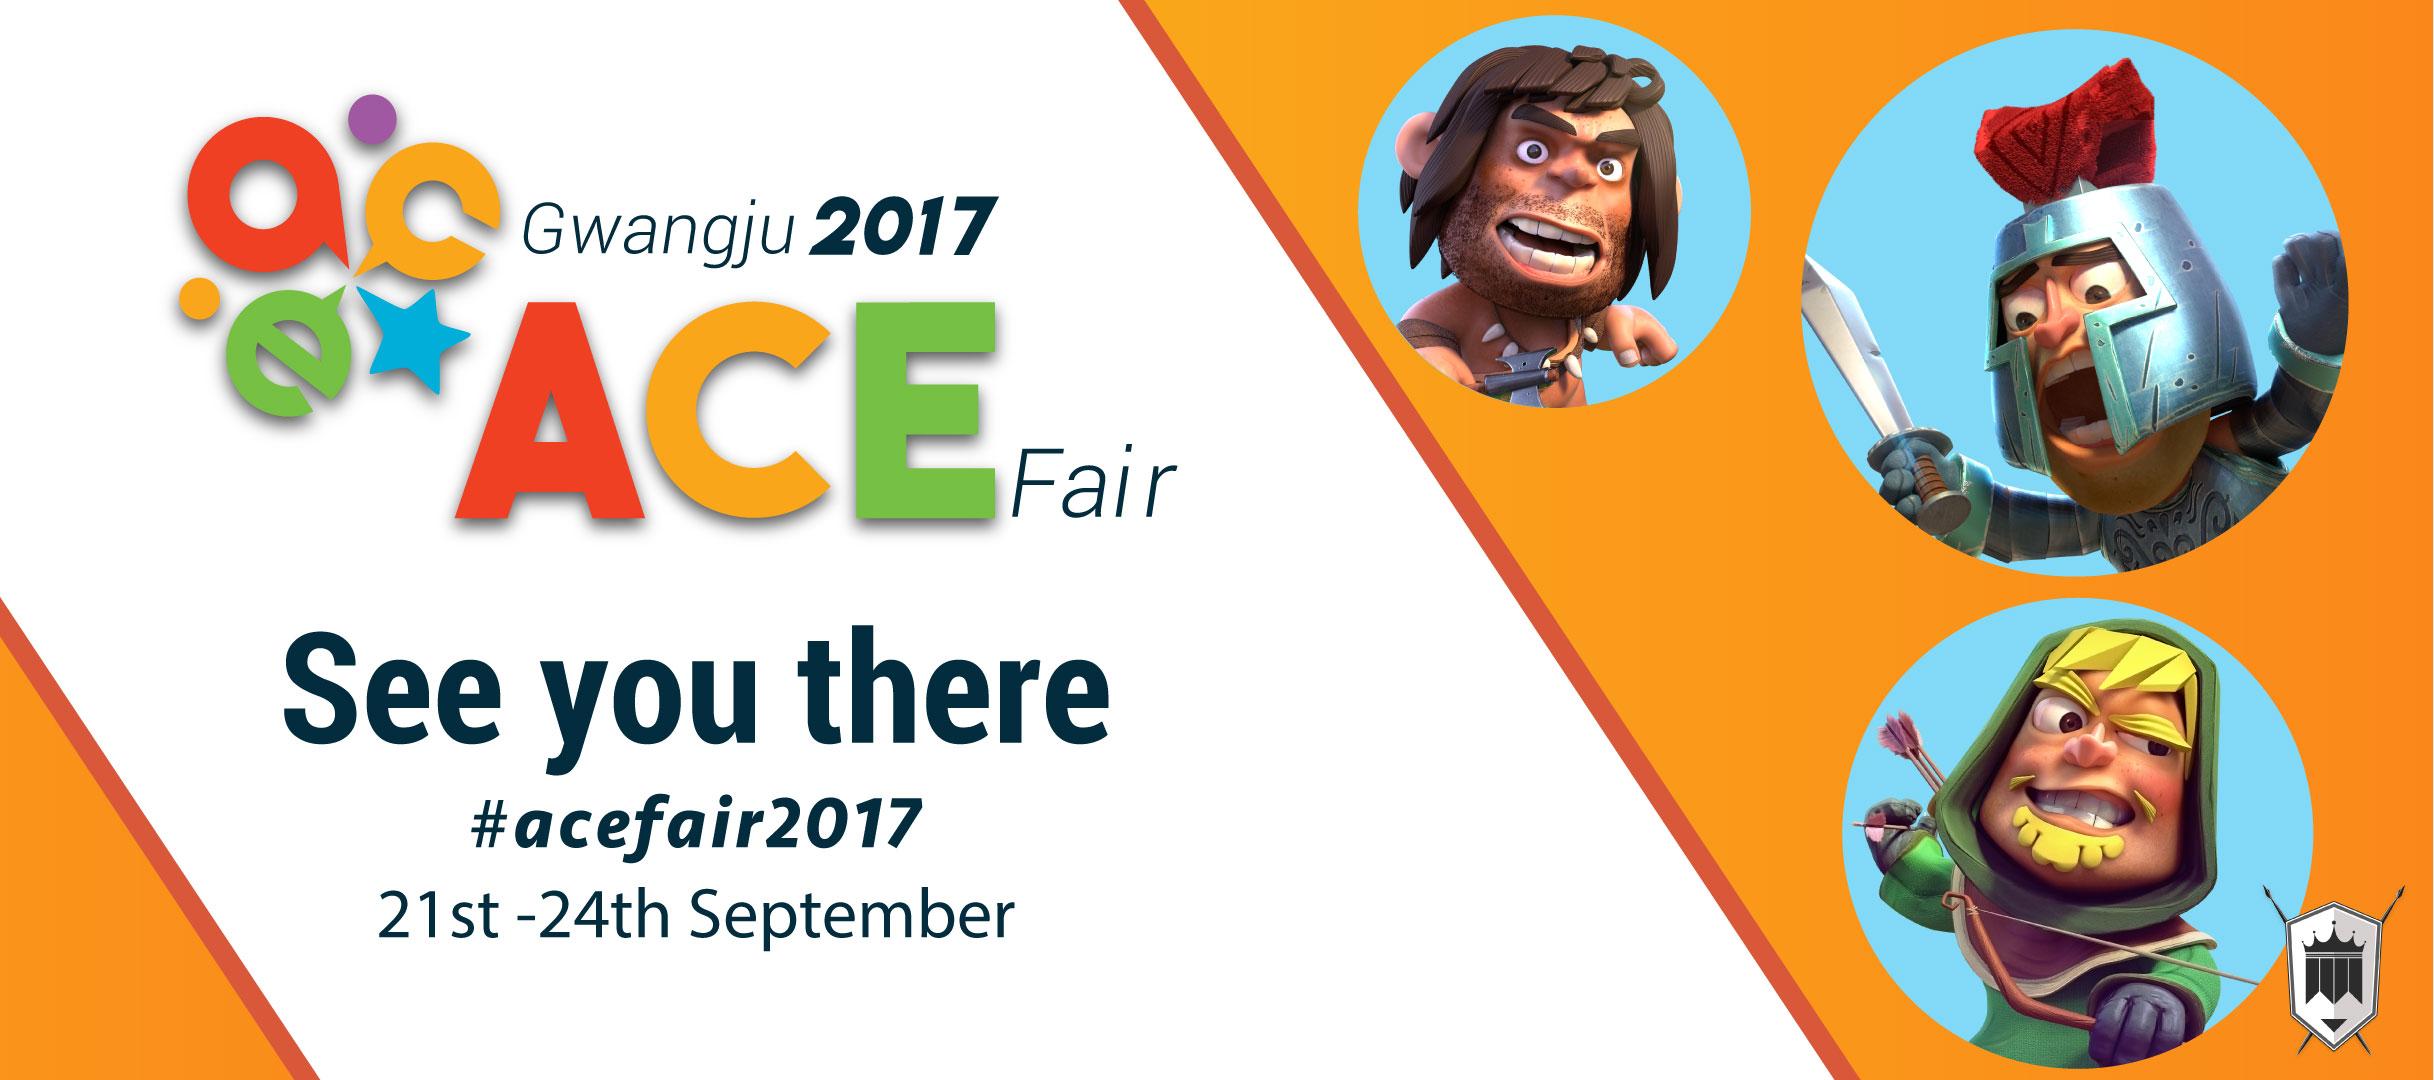 Ace Fair